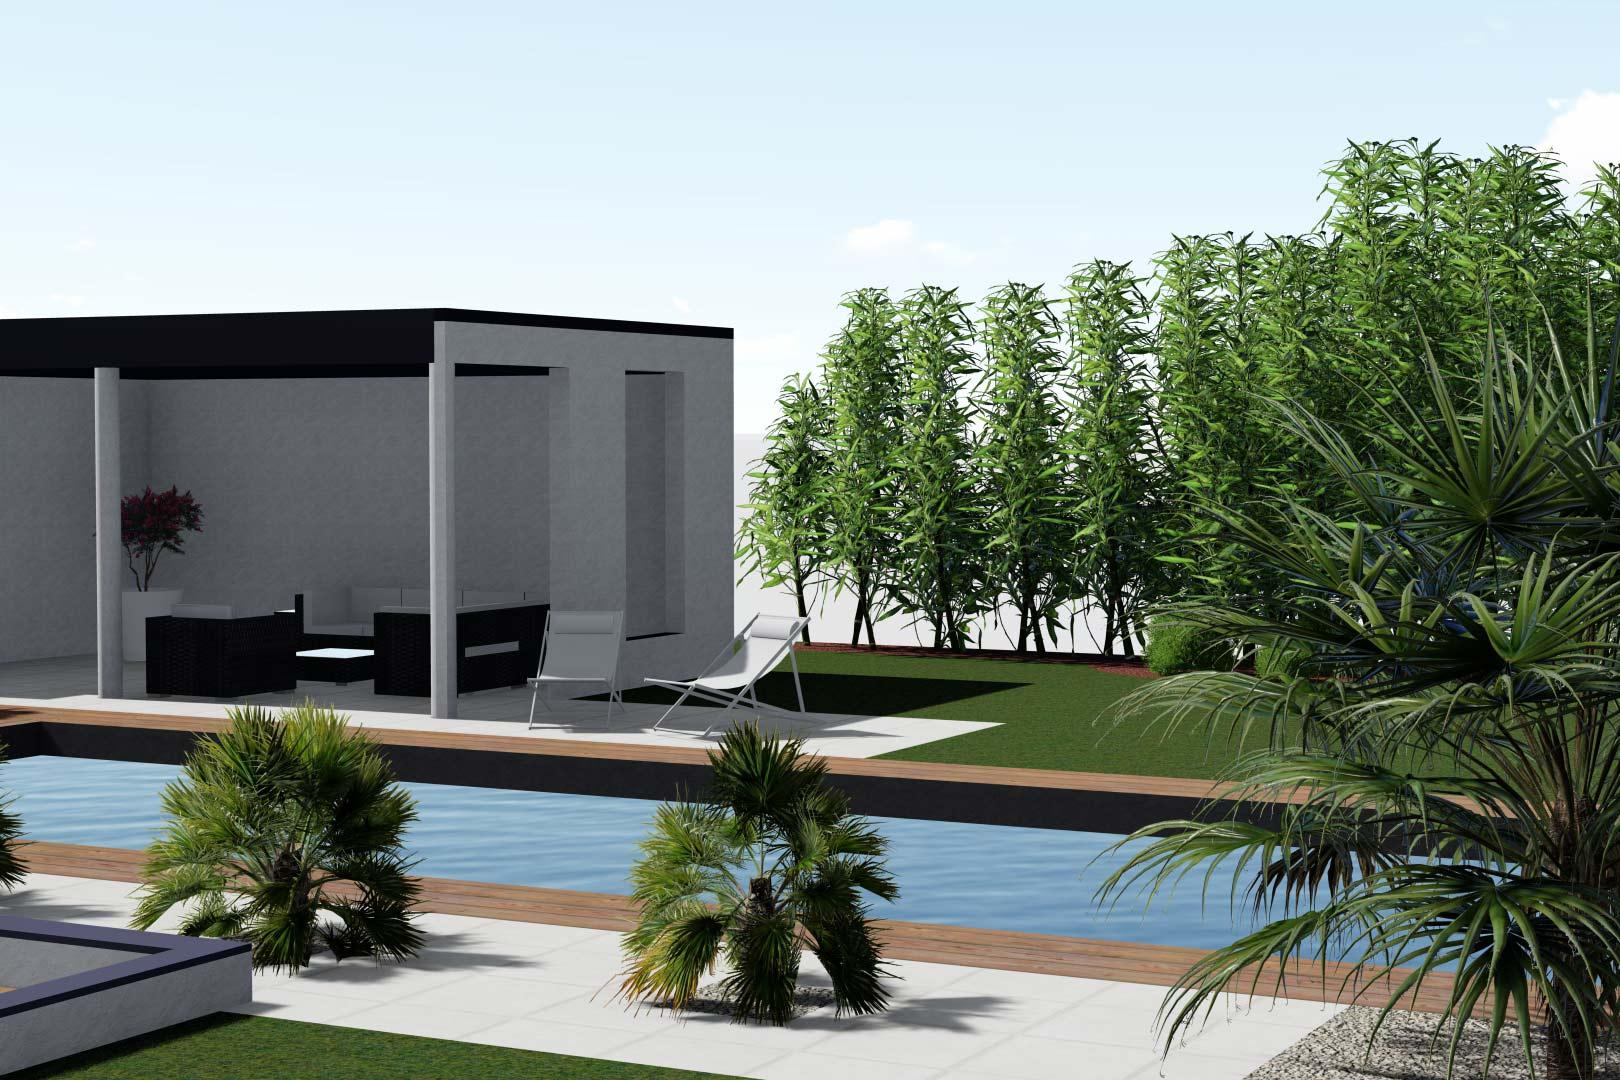 Entreprise du paysage à Tours, Serrault Jardins conçoit et réalise votre jardin.